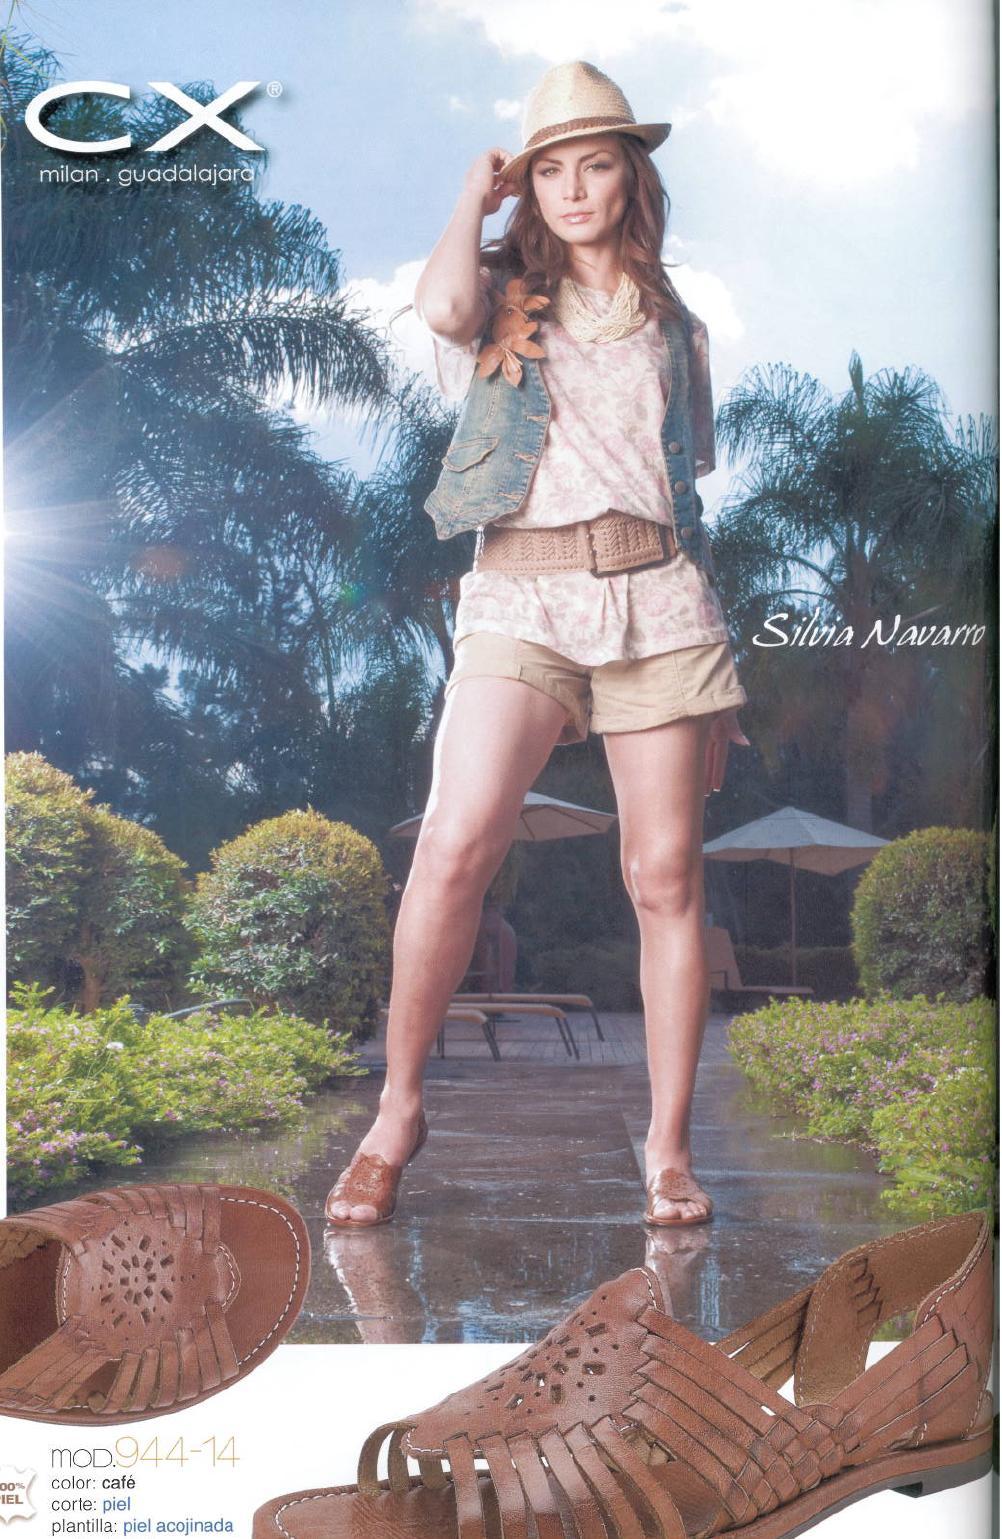 Silvia navarro//სილვია ნავარო - Page 3 Cb171b0add9f